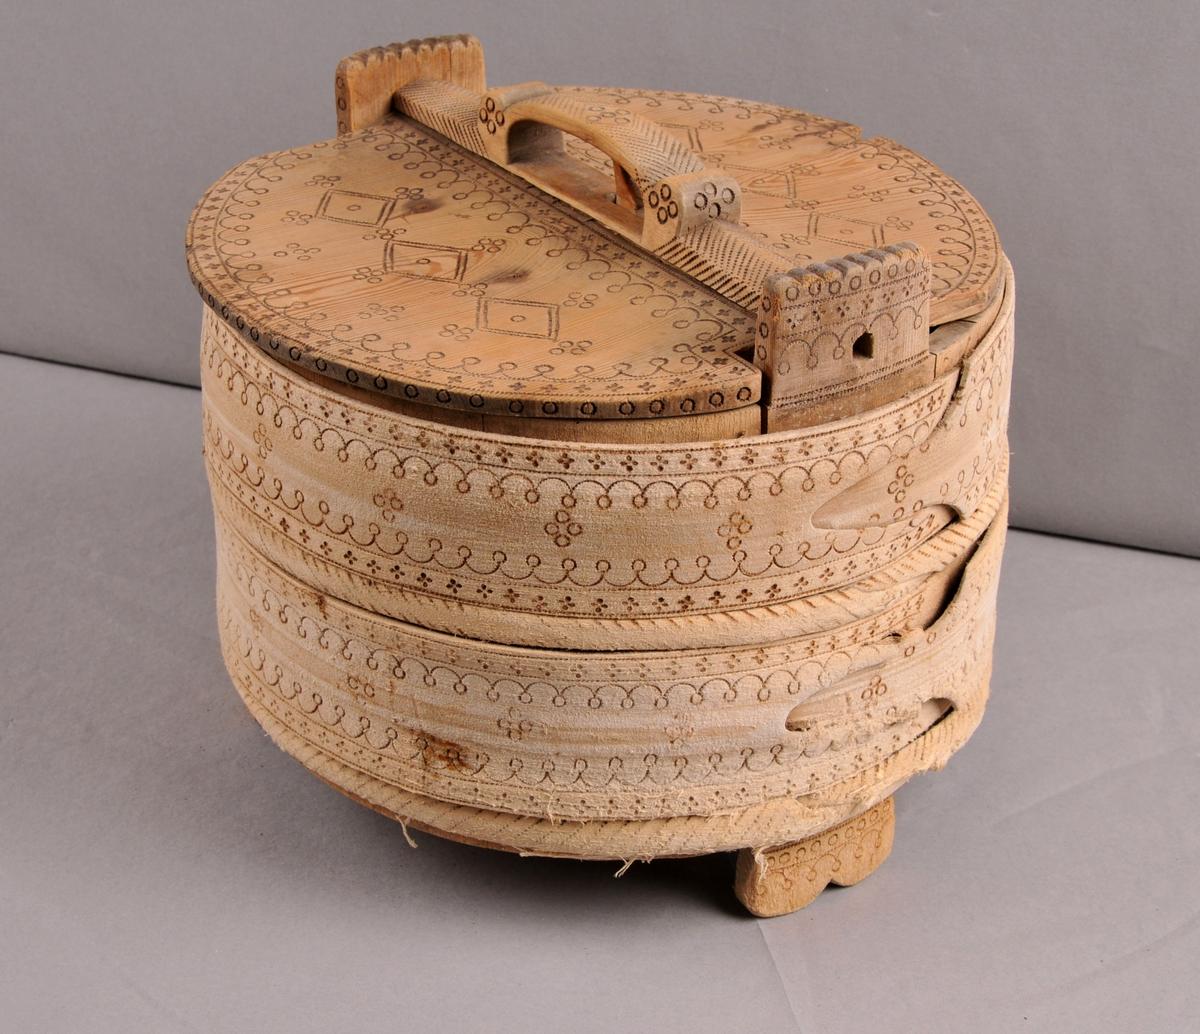 Spann, lagga. Sett saman av 12 stavar, botnen sett saman av tri delar. Lok av eit stykke med handtak fest med svalehale. Lås i loket. Spannet er gjurt med fire gjorder, to flate og to runde. Dekorera med svidekor.